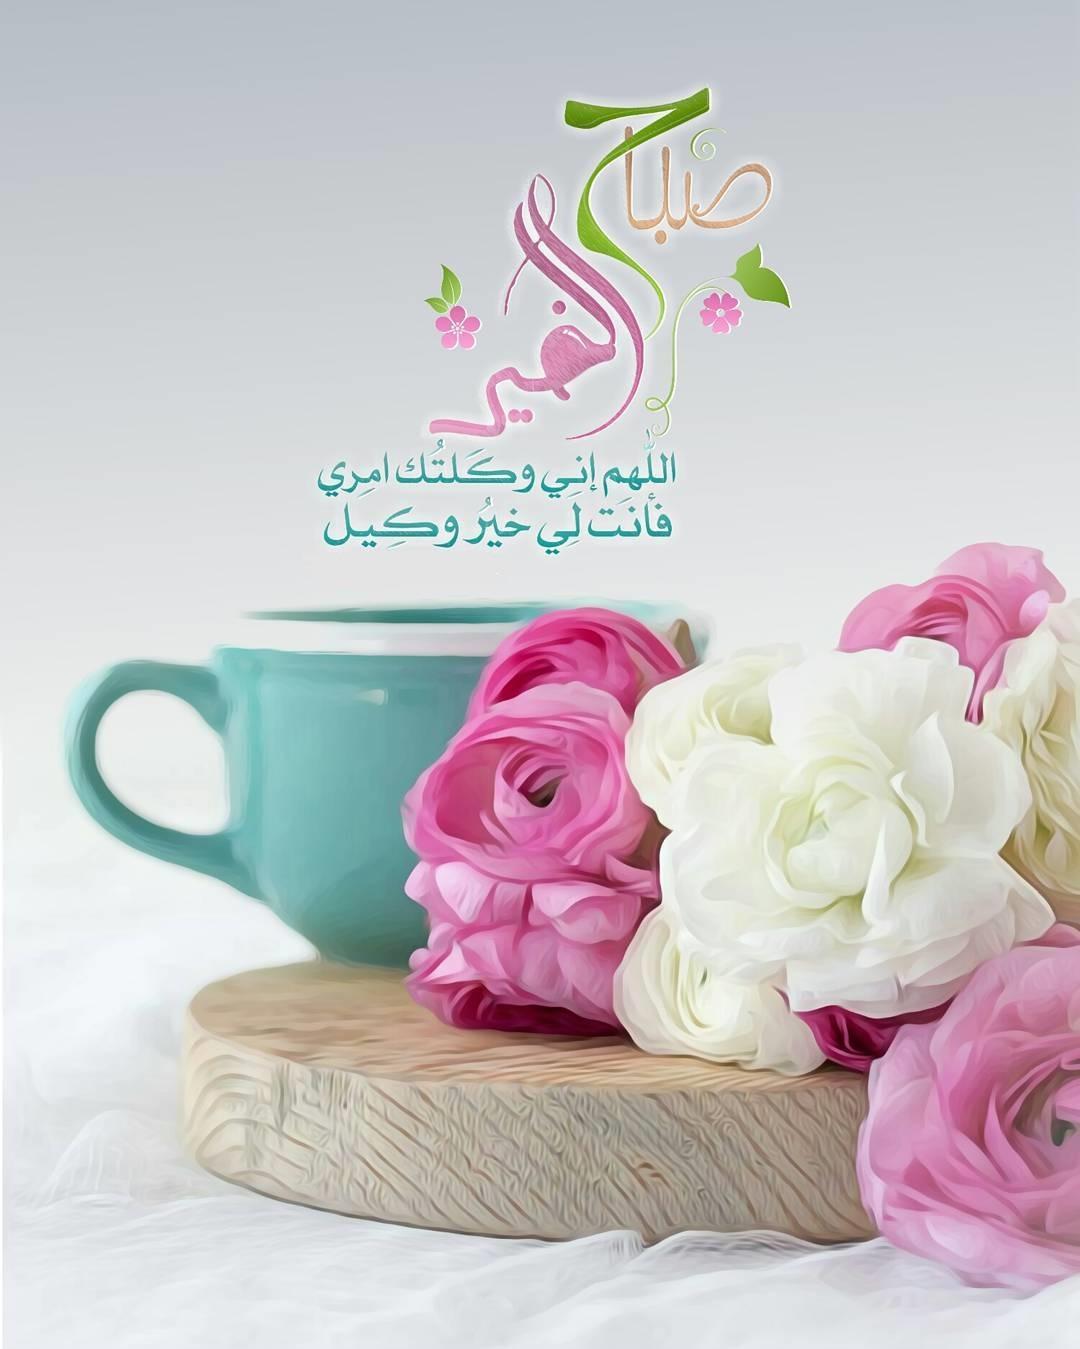 بالصور صور عن صباح الخير , صور راقيه عن صباح الخير 4272 1